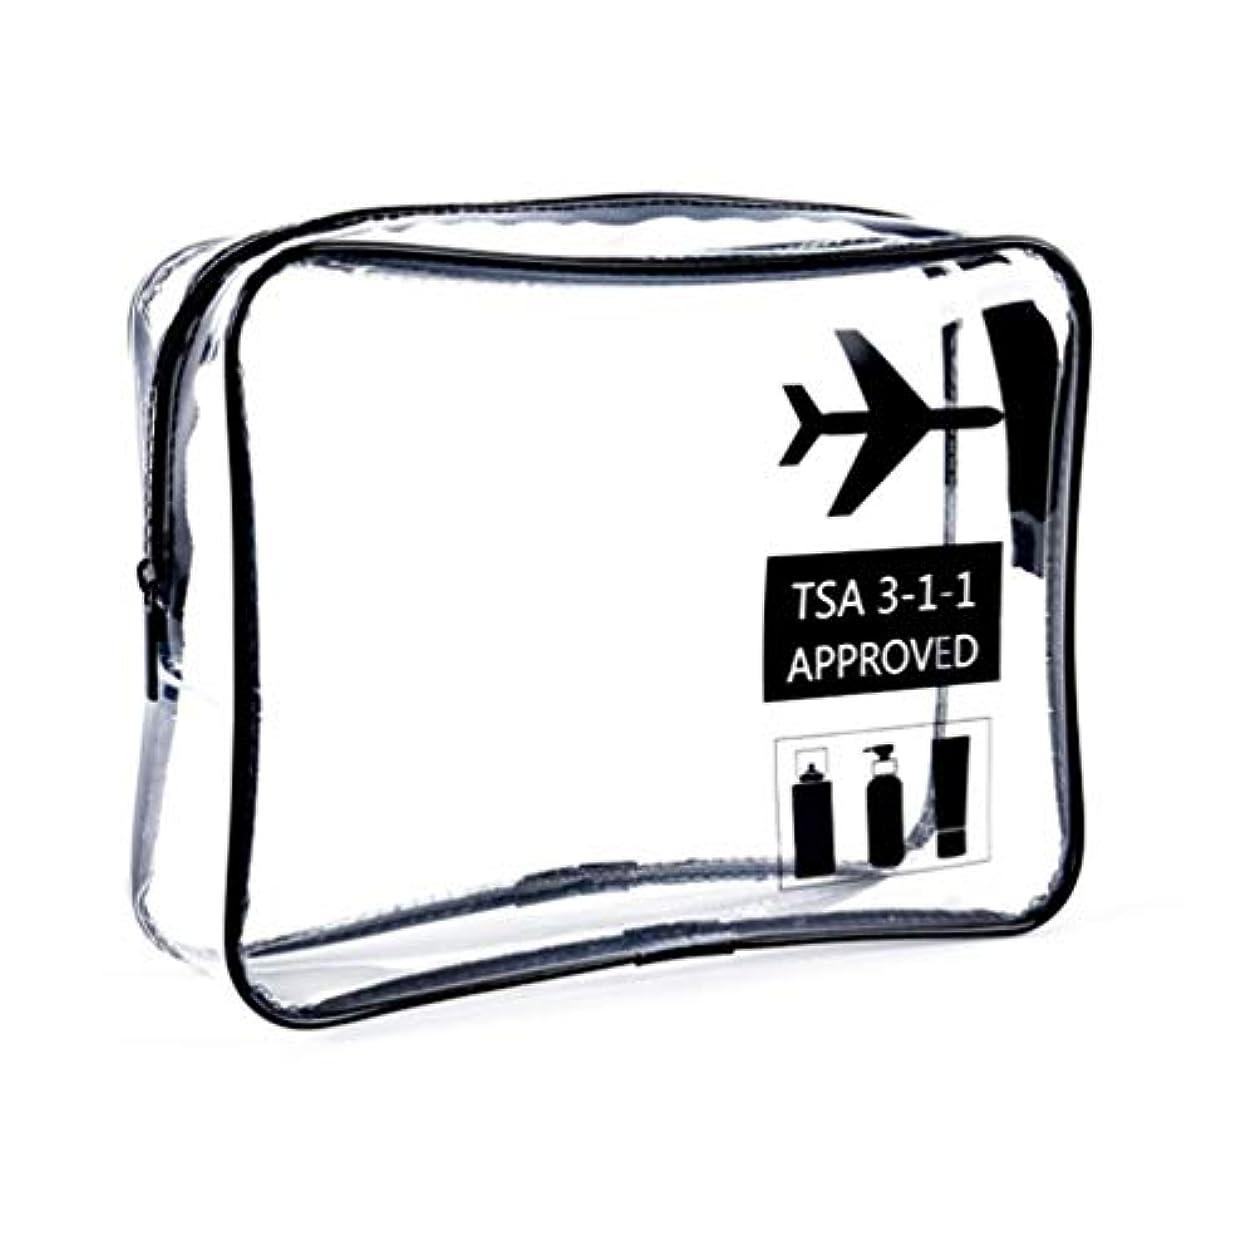 法王著名な人柄明確な化粧袋、ジッパー旅行貯蔵袋の化粧品の箱が付いている携帯用防水化粧品袋